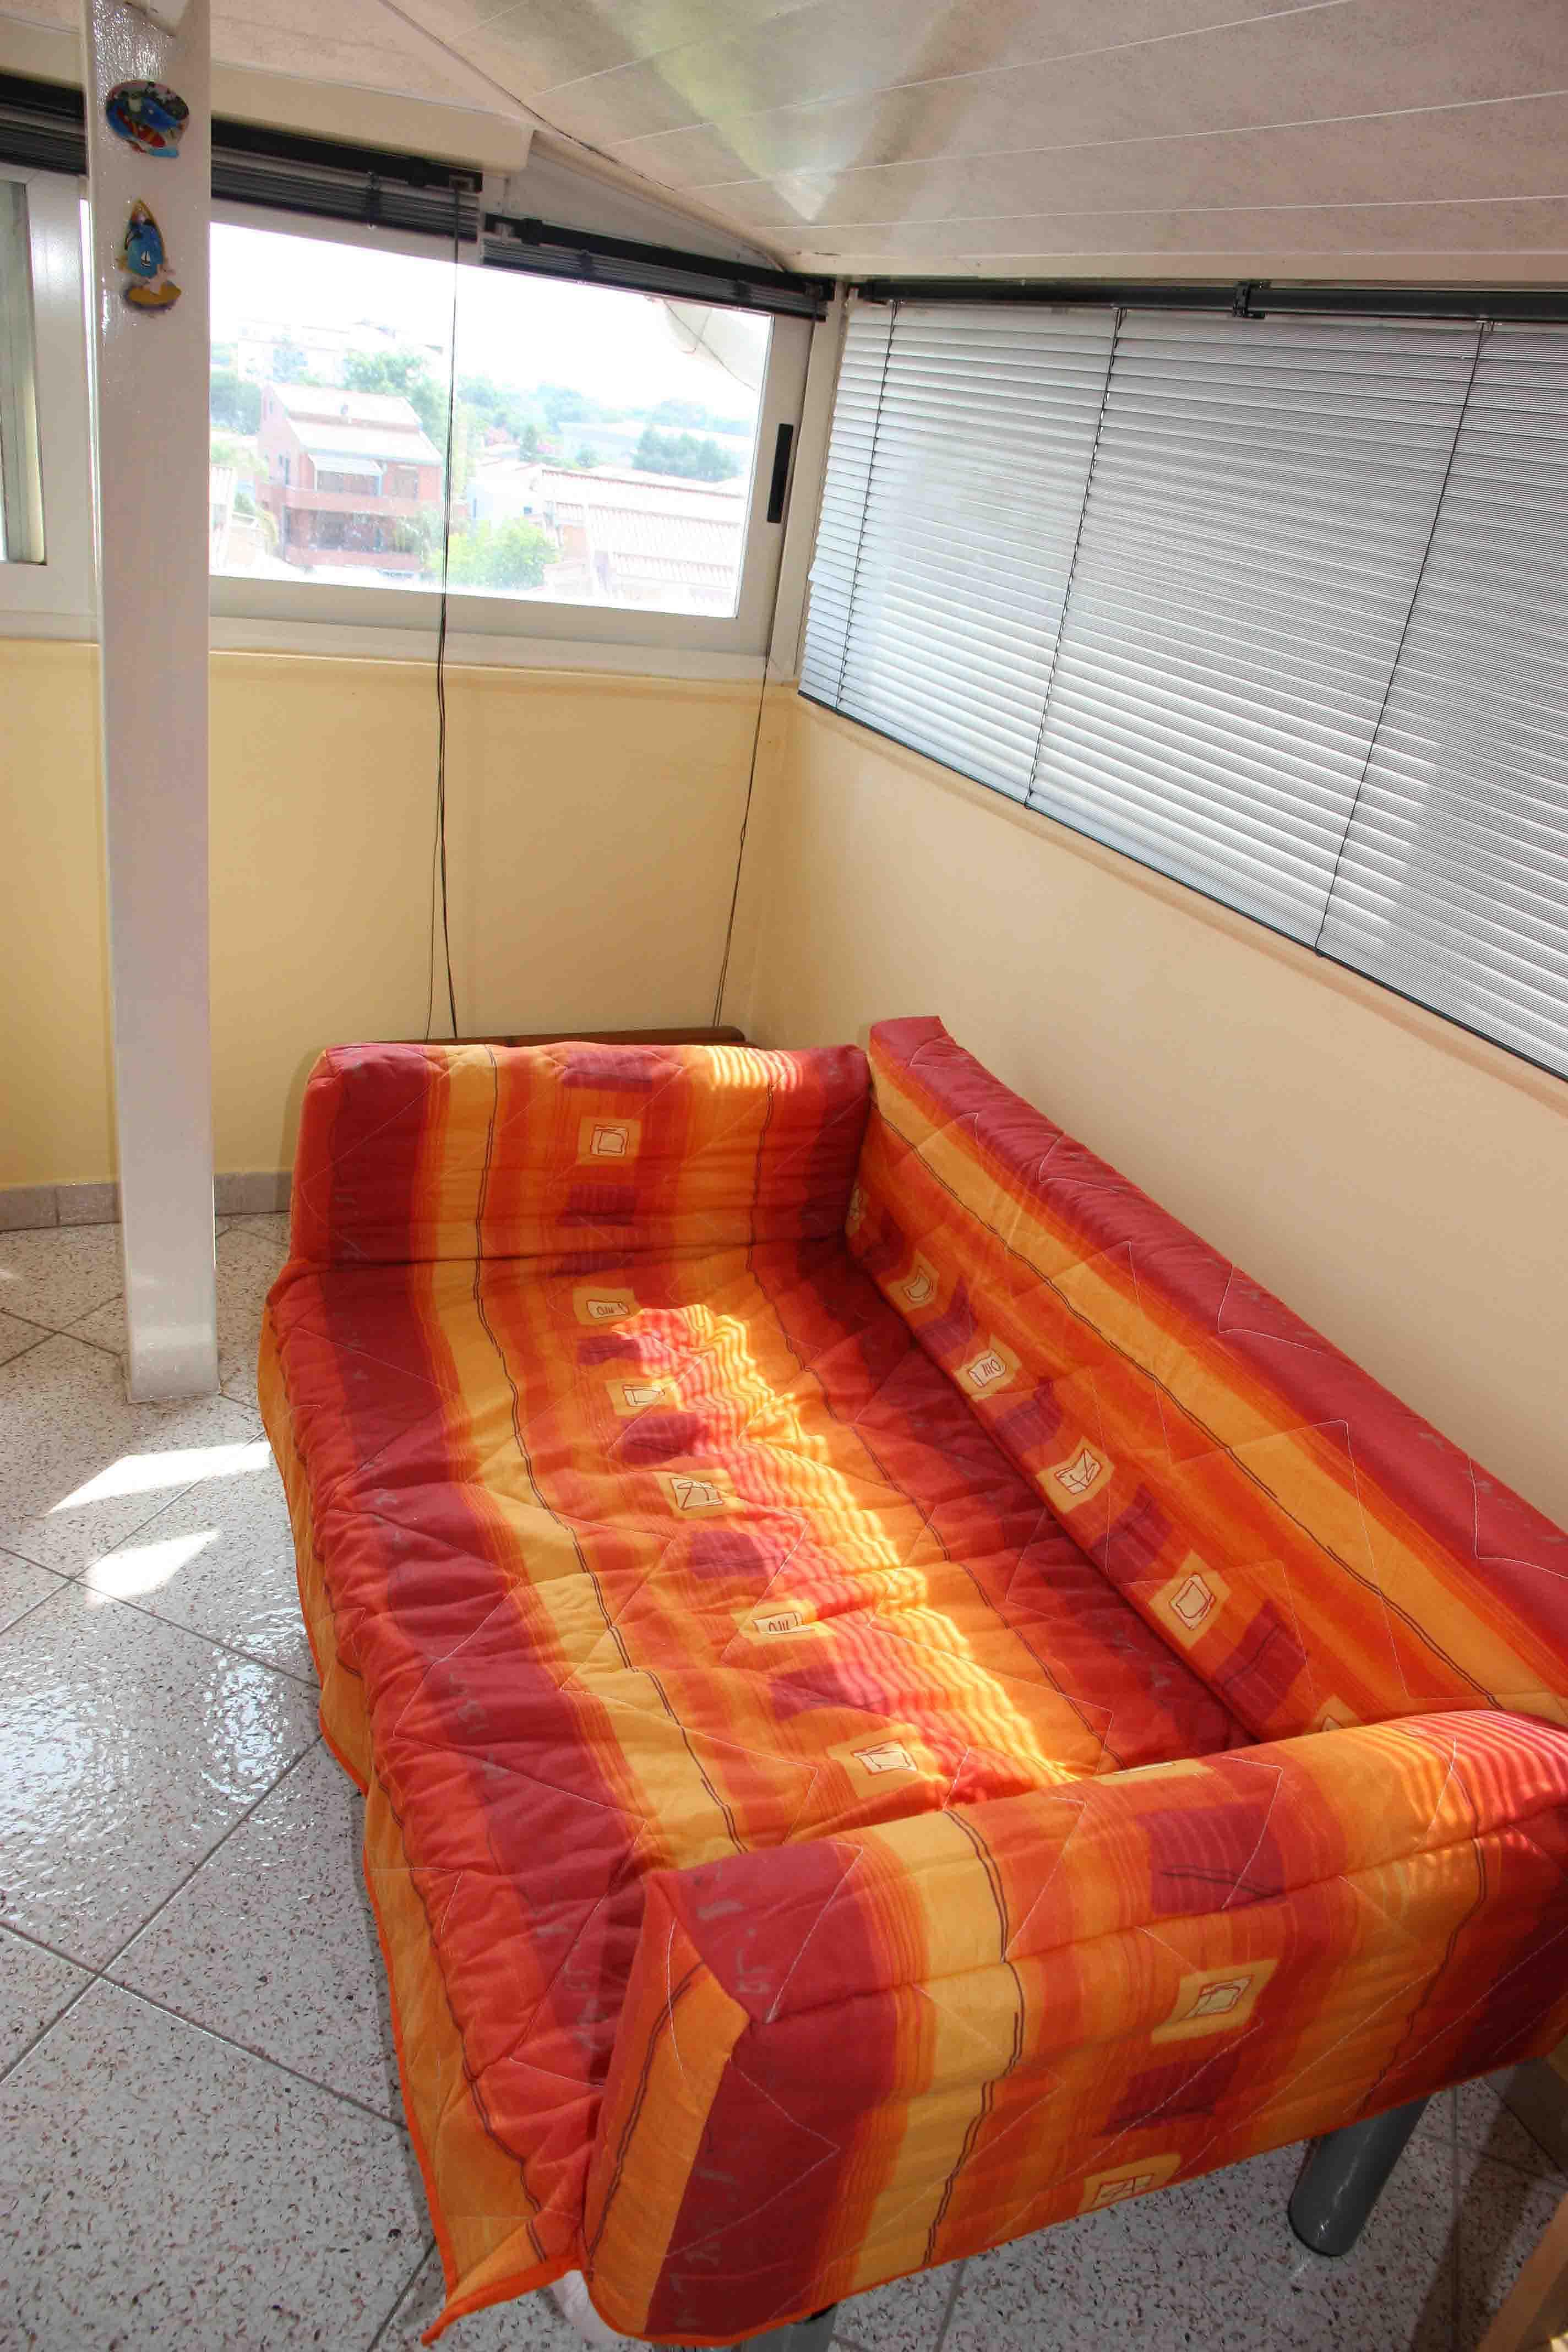 диванчик на кухне раскладывается в длину, подходит для ребенка или невысокого взрослого